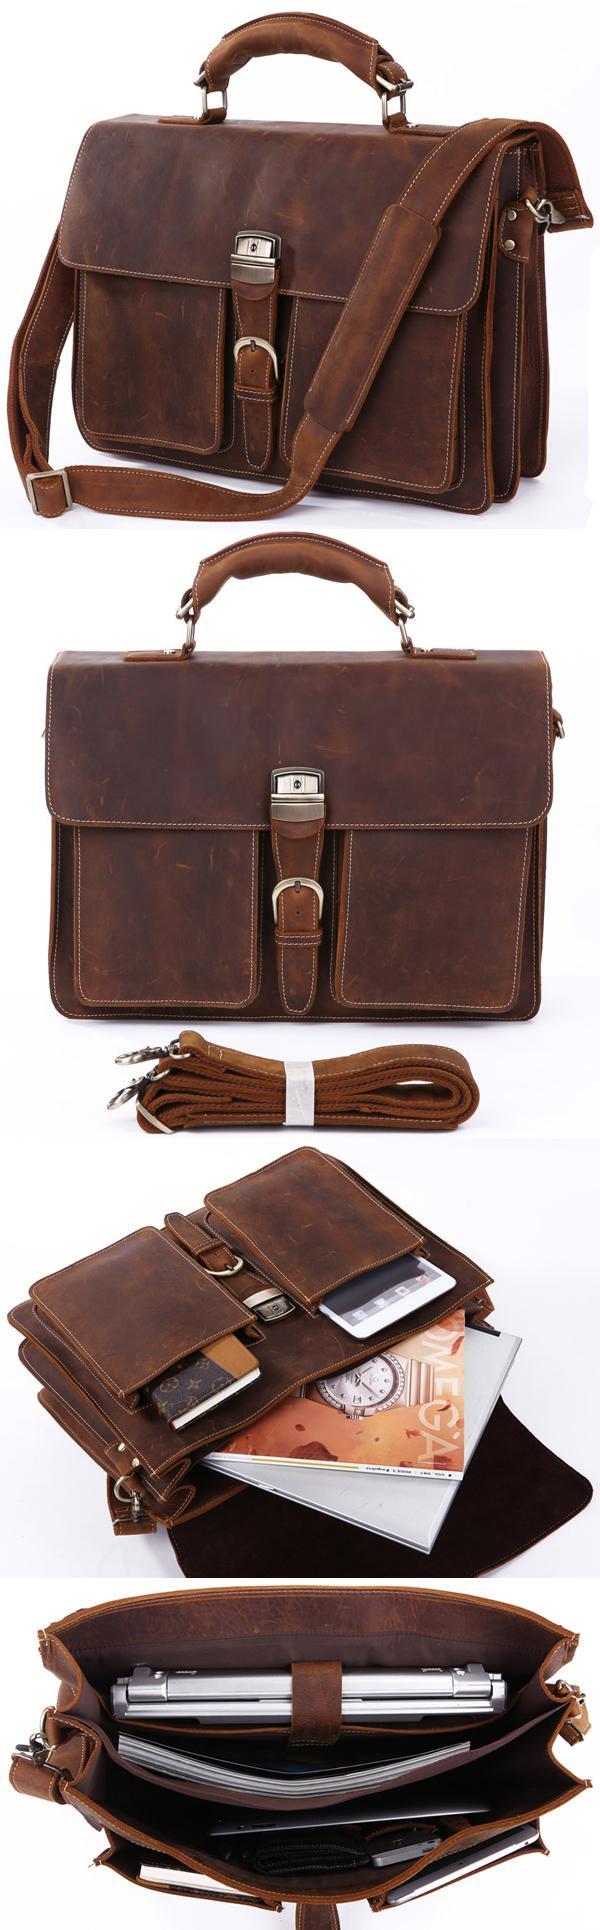 d887b87f2 ... Men's Handmade Vintage Leather Briefcase / Leather Messenger Bag / 15